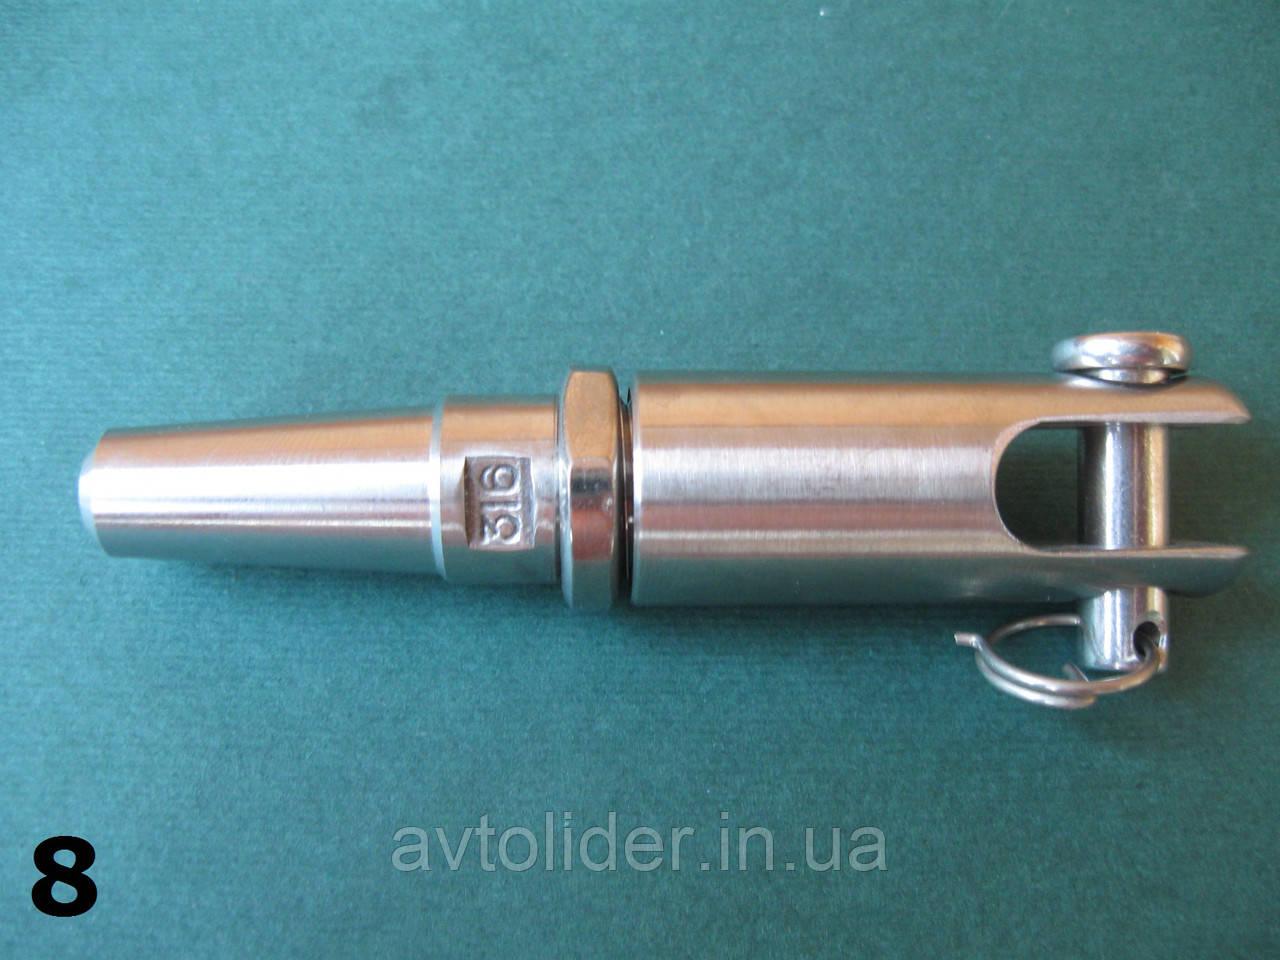 Нержавеющий норсеман с вилкой для троса 8 мм